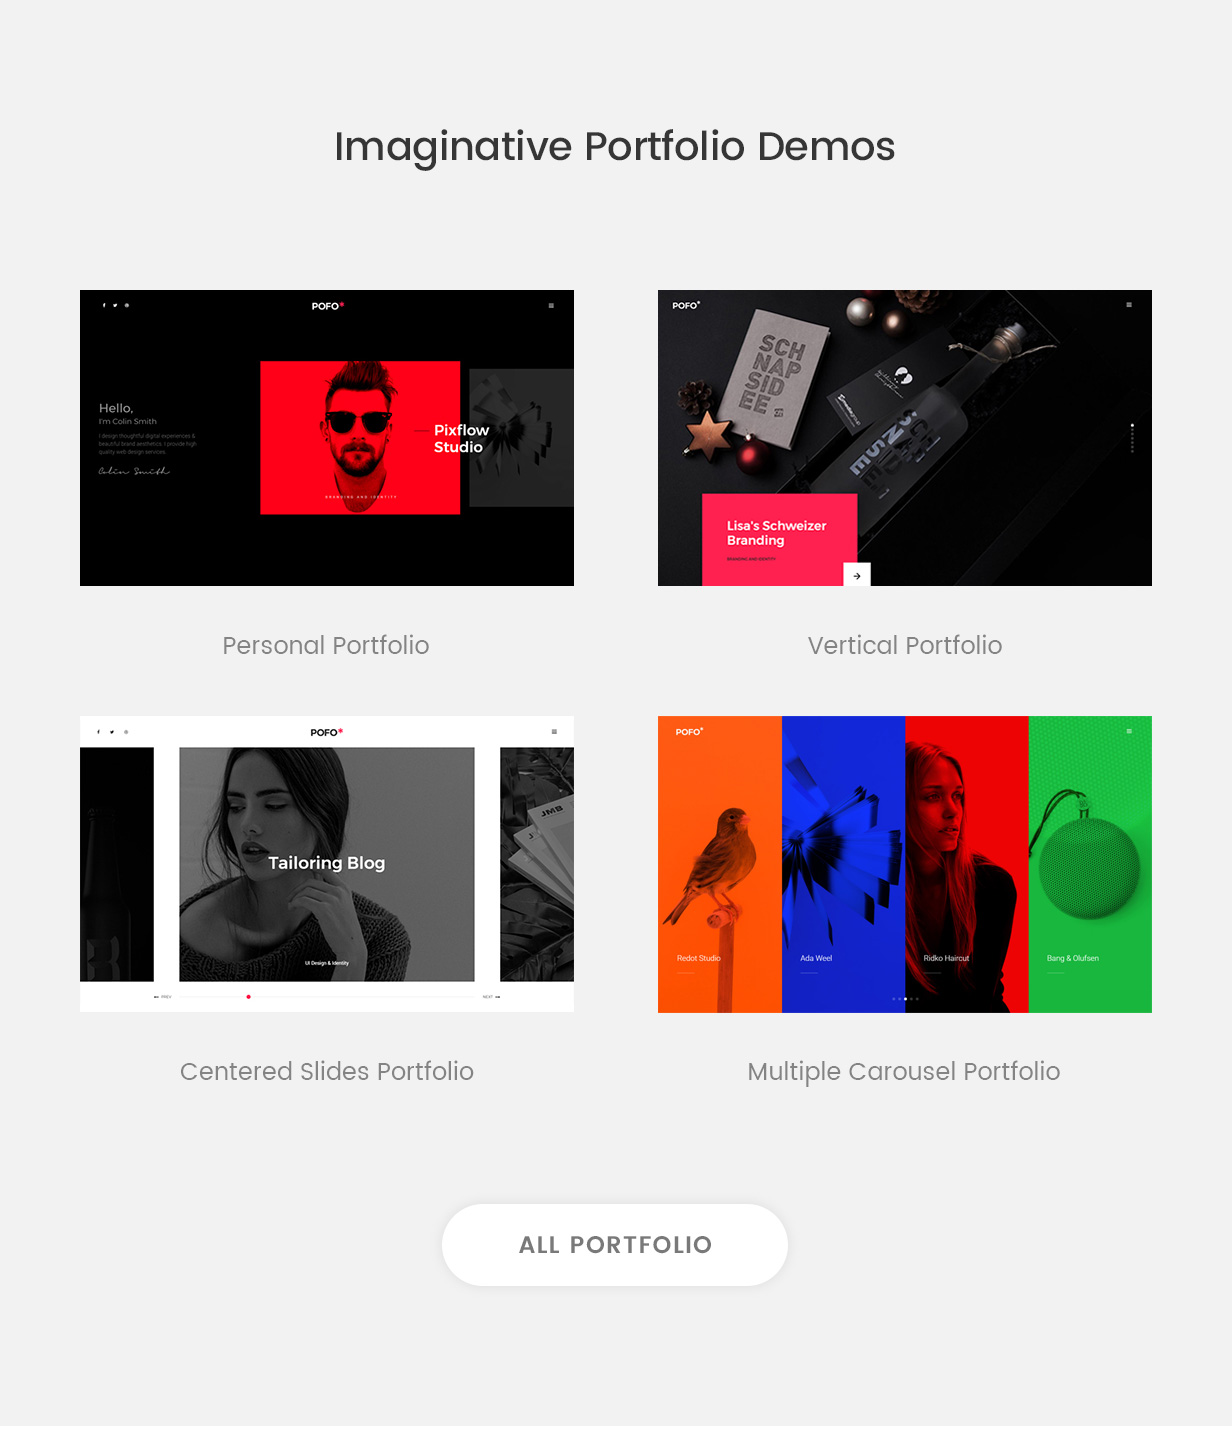 pofo wordpress portfolio demos - Pofo - Creative Portfolio and Blog WordPress Theme